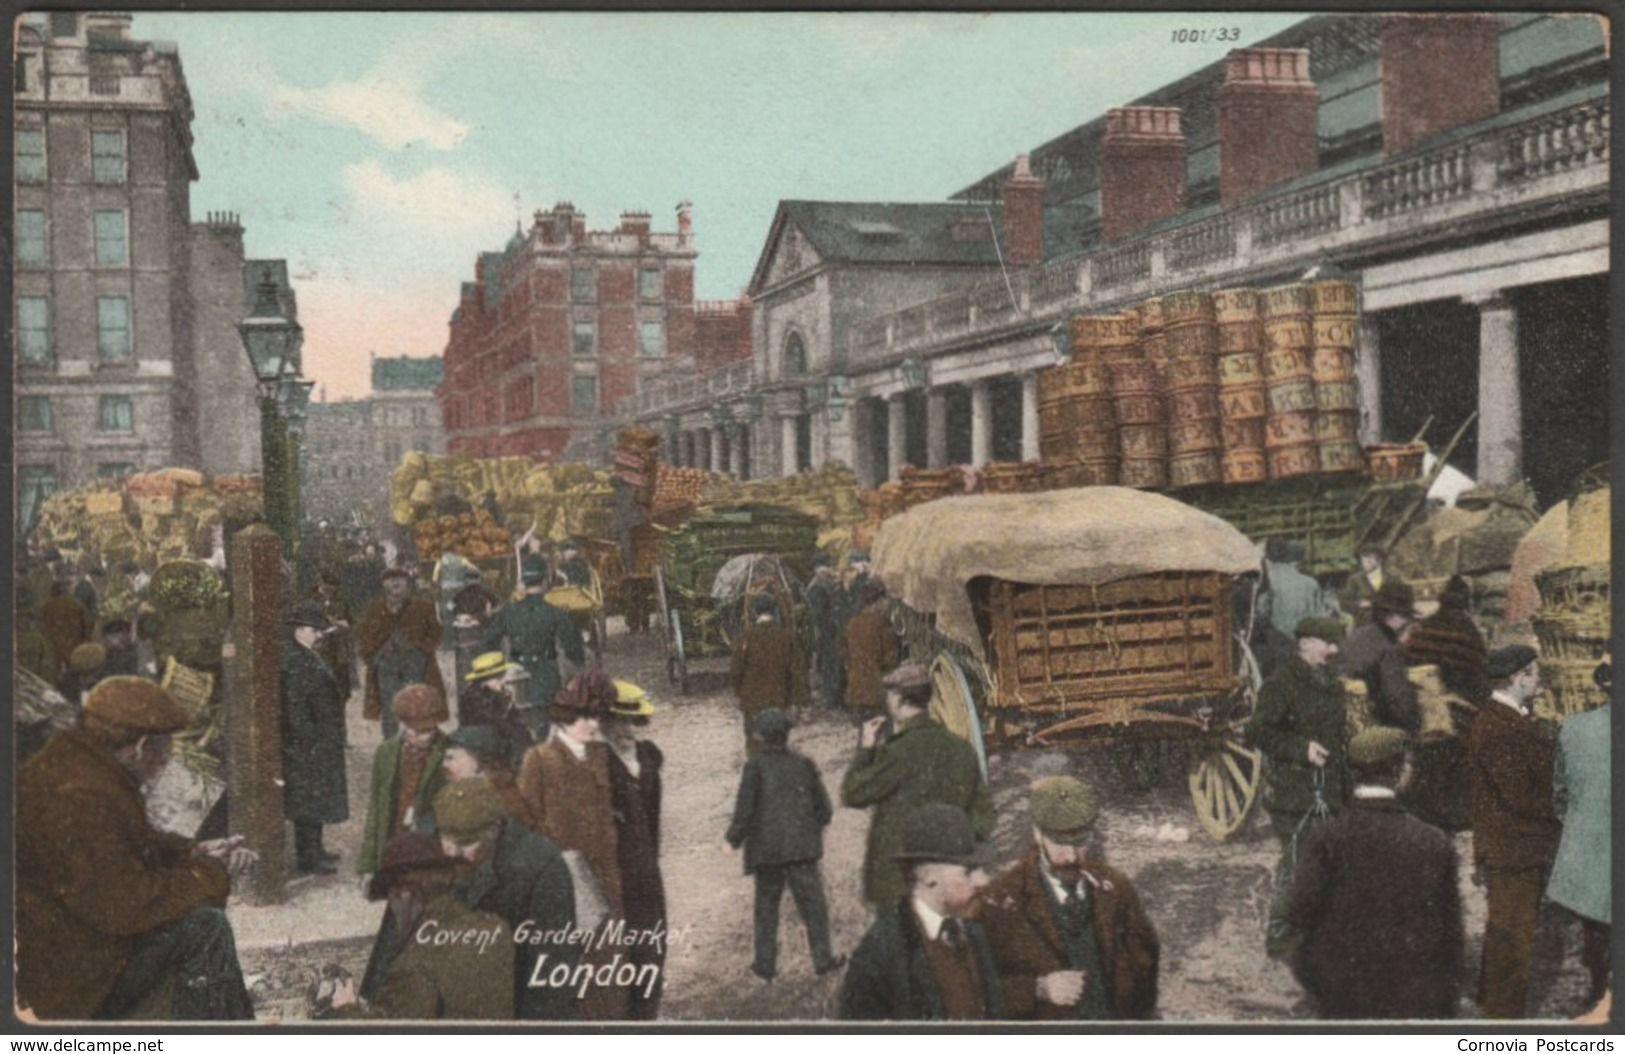 Covent Garden Market, London, 1908 Hartmann Postcard